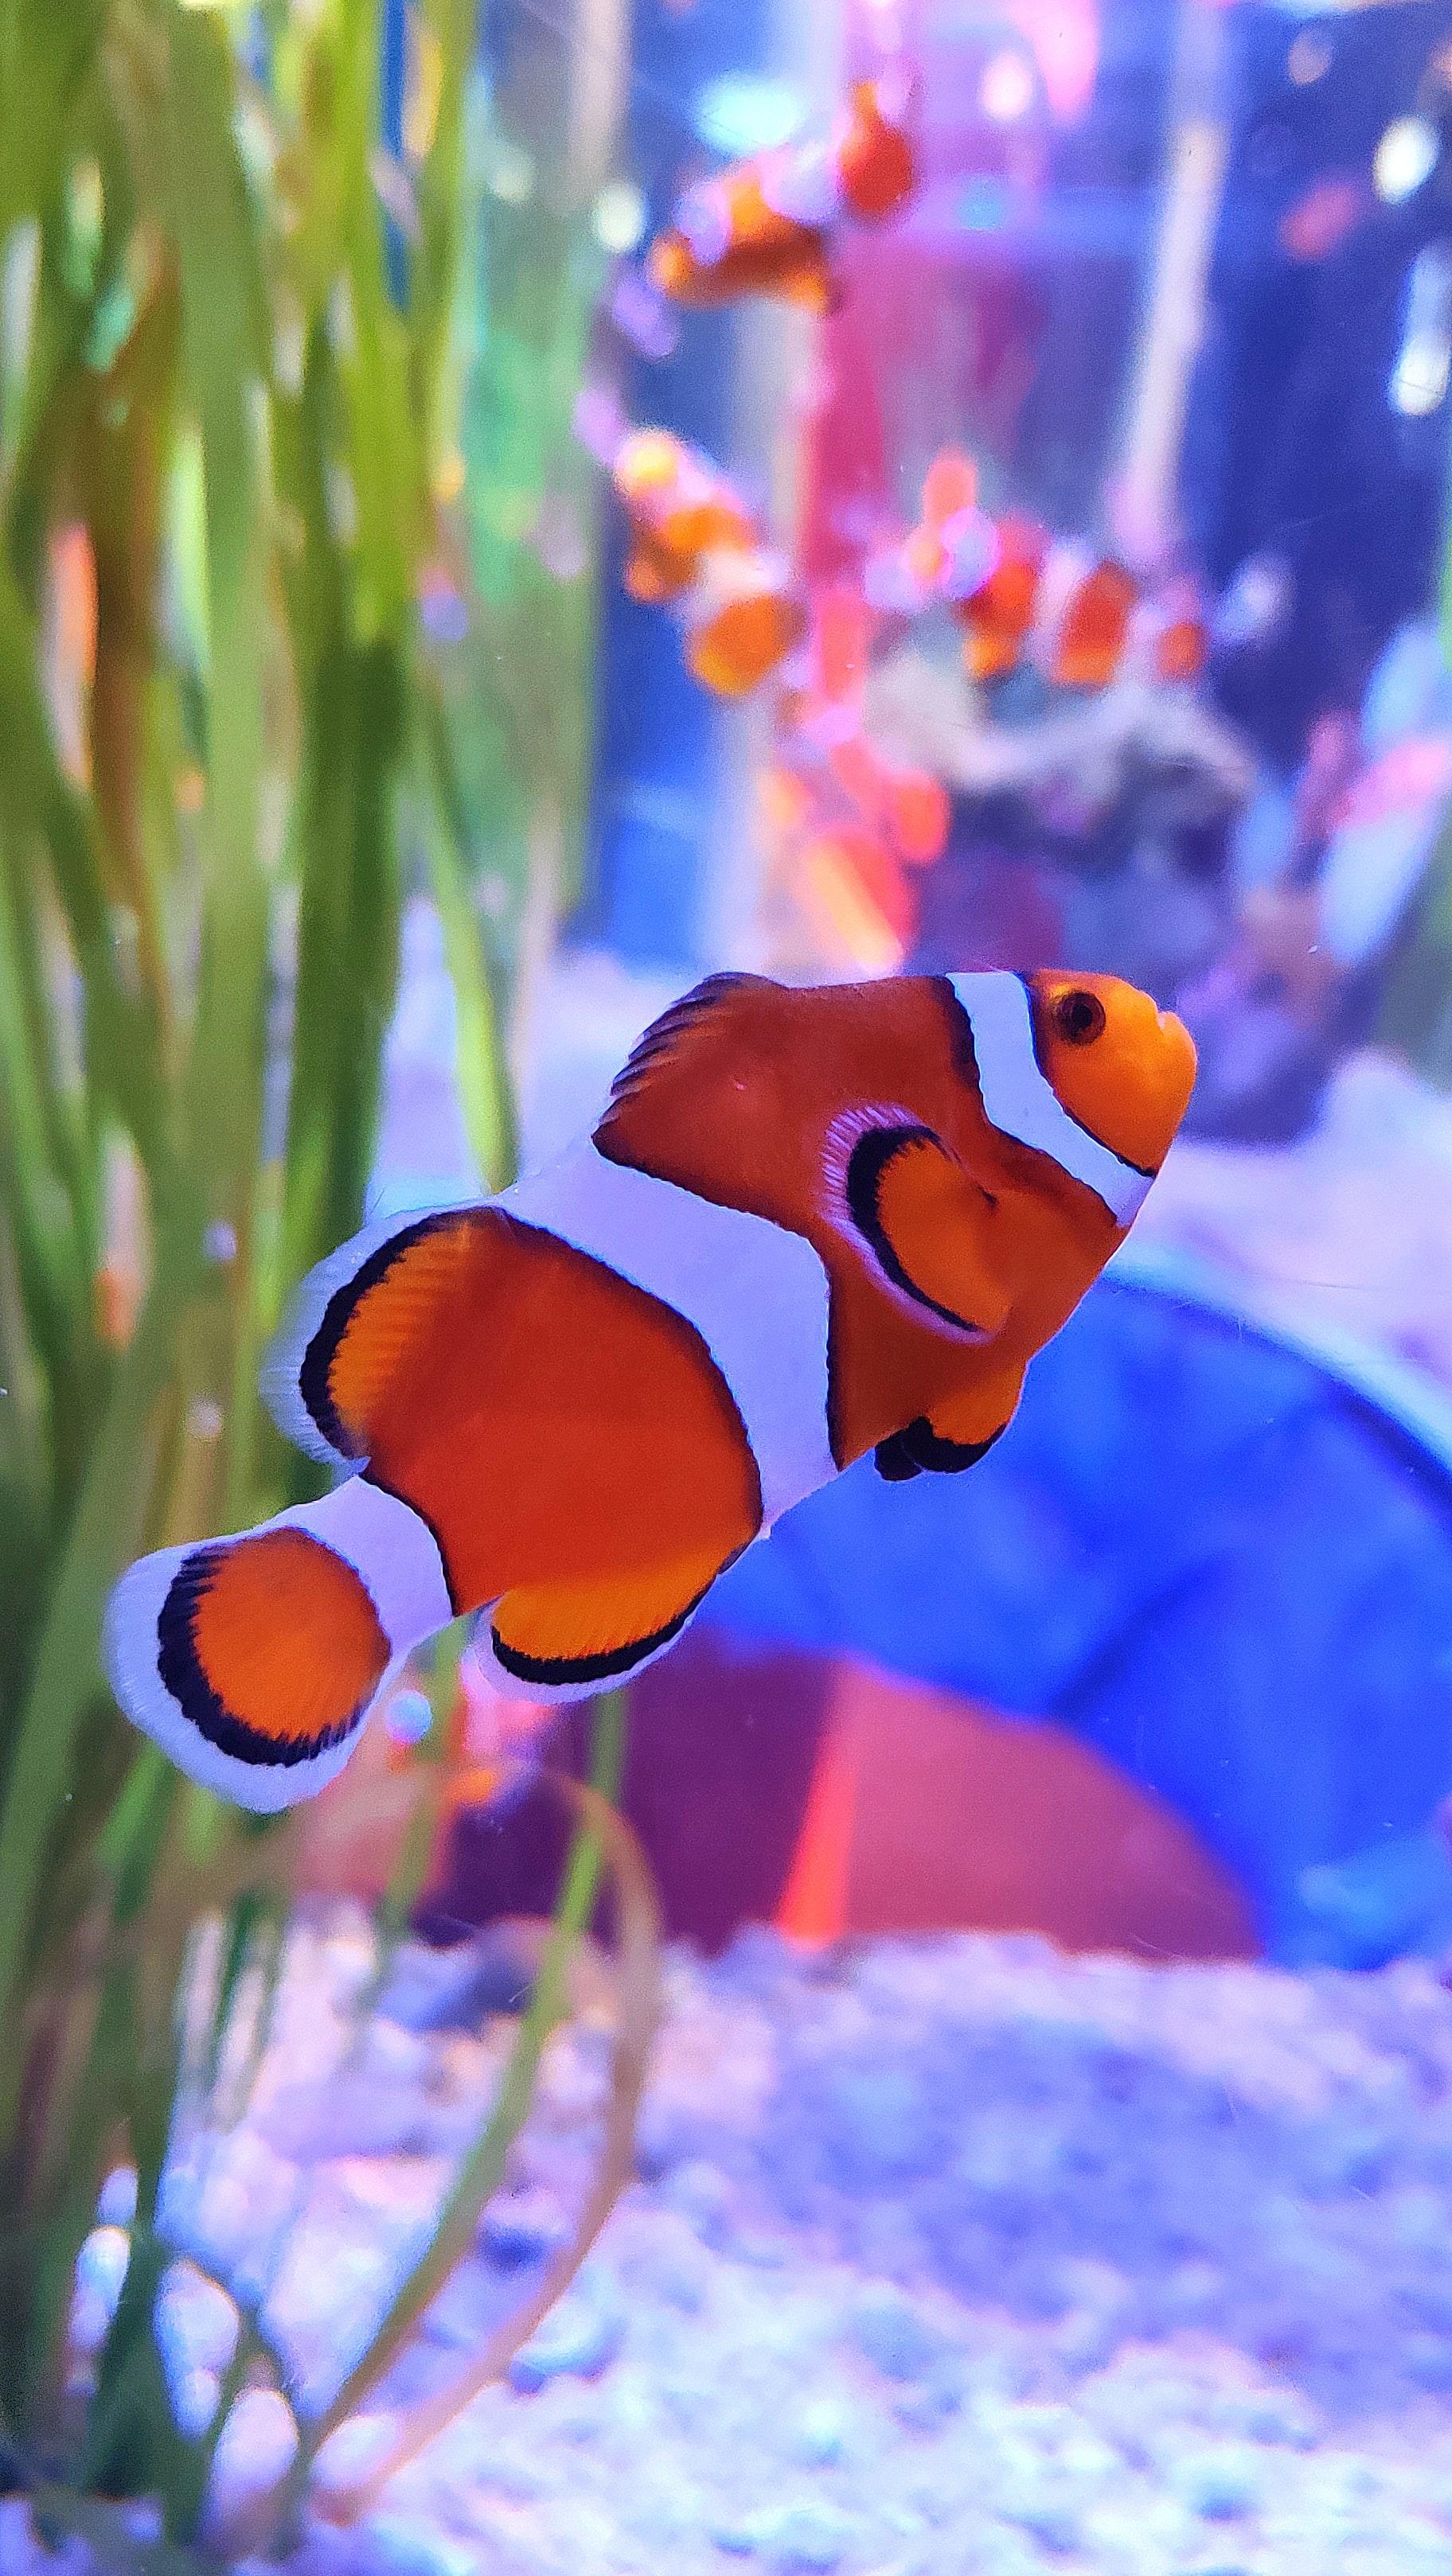 69396 Screensavers and Wallpapers Aquarium for phone. Download Clown Fish, Animals, Aquarium, Fish, Seaweed, Algae, Fish Clown pictures for free